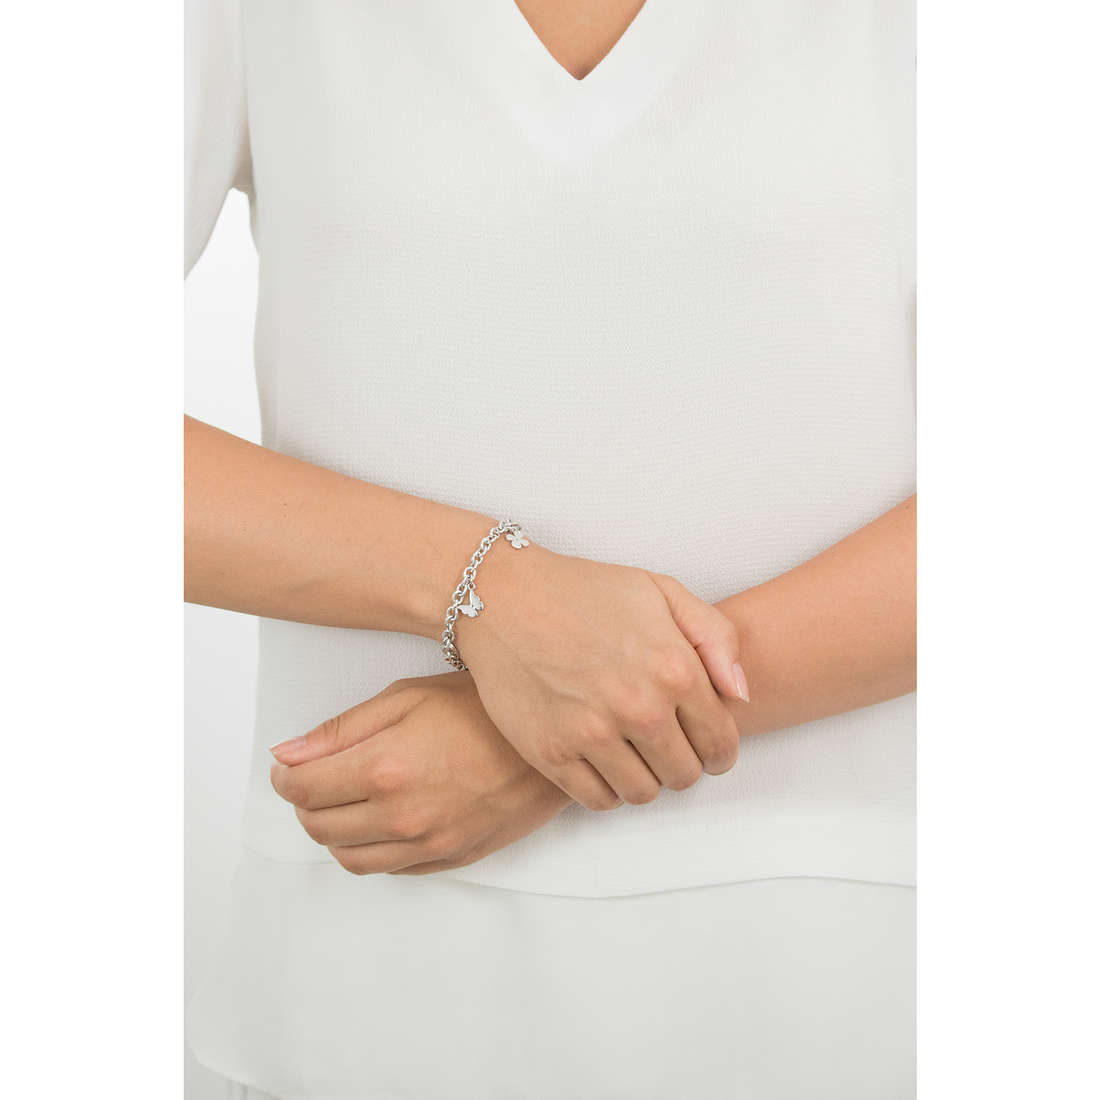 Jack&co bracelets Dream woman JCB0709 indosso